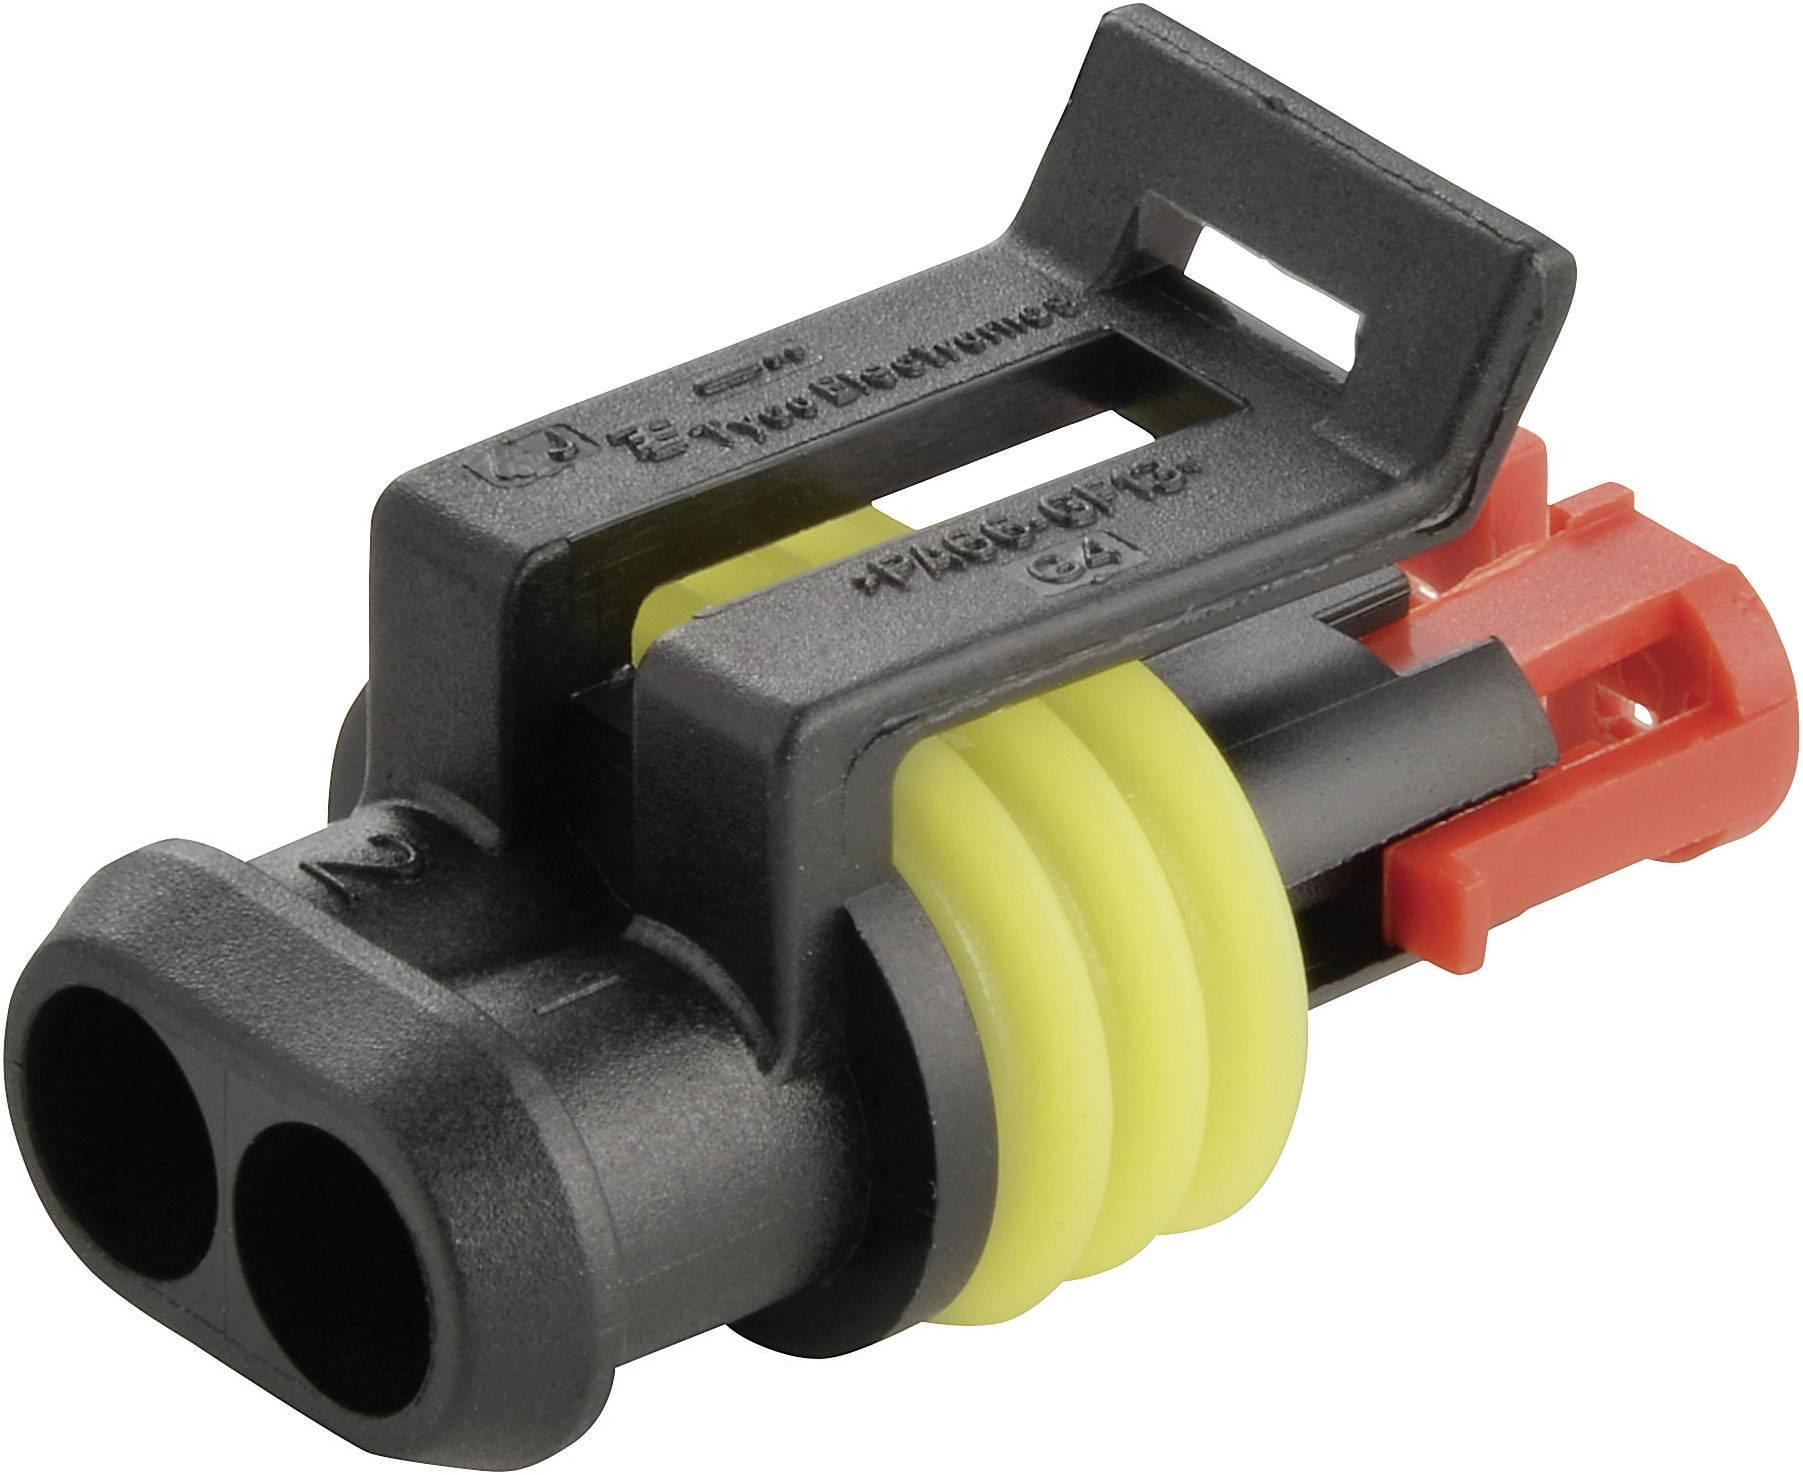 Zásuvkové púzdro na kábel TE Connectivity 282080-1, počet pólov 2, raster 6 mm, 1 ks